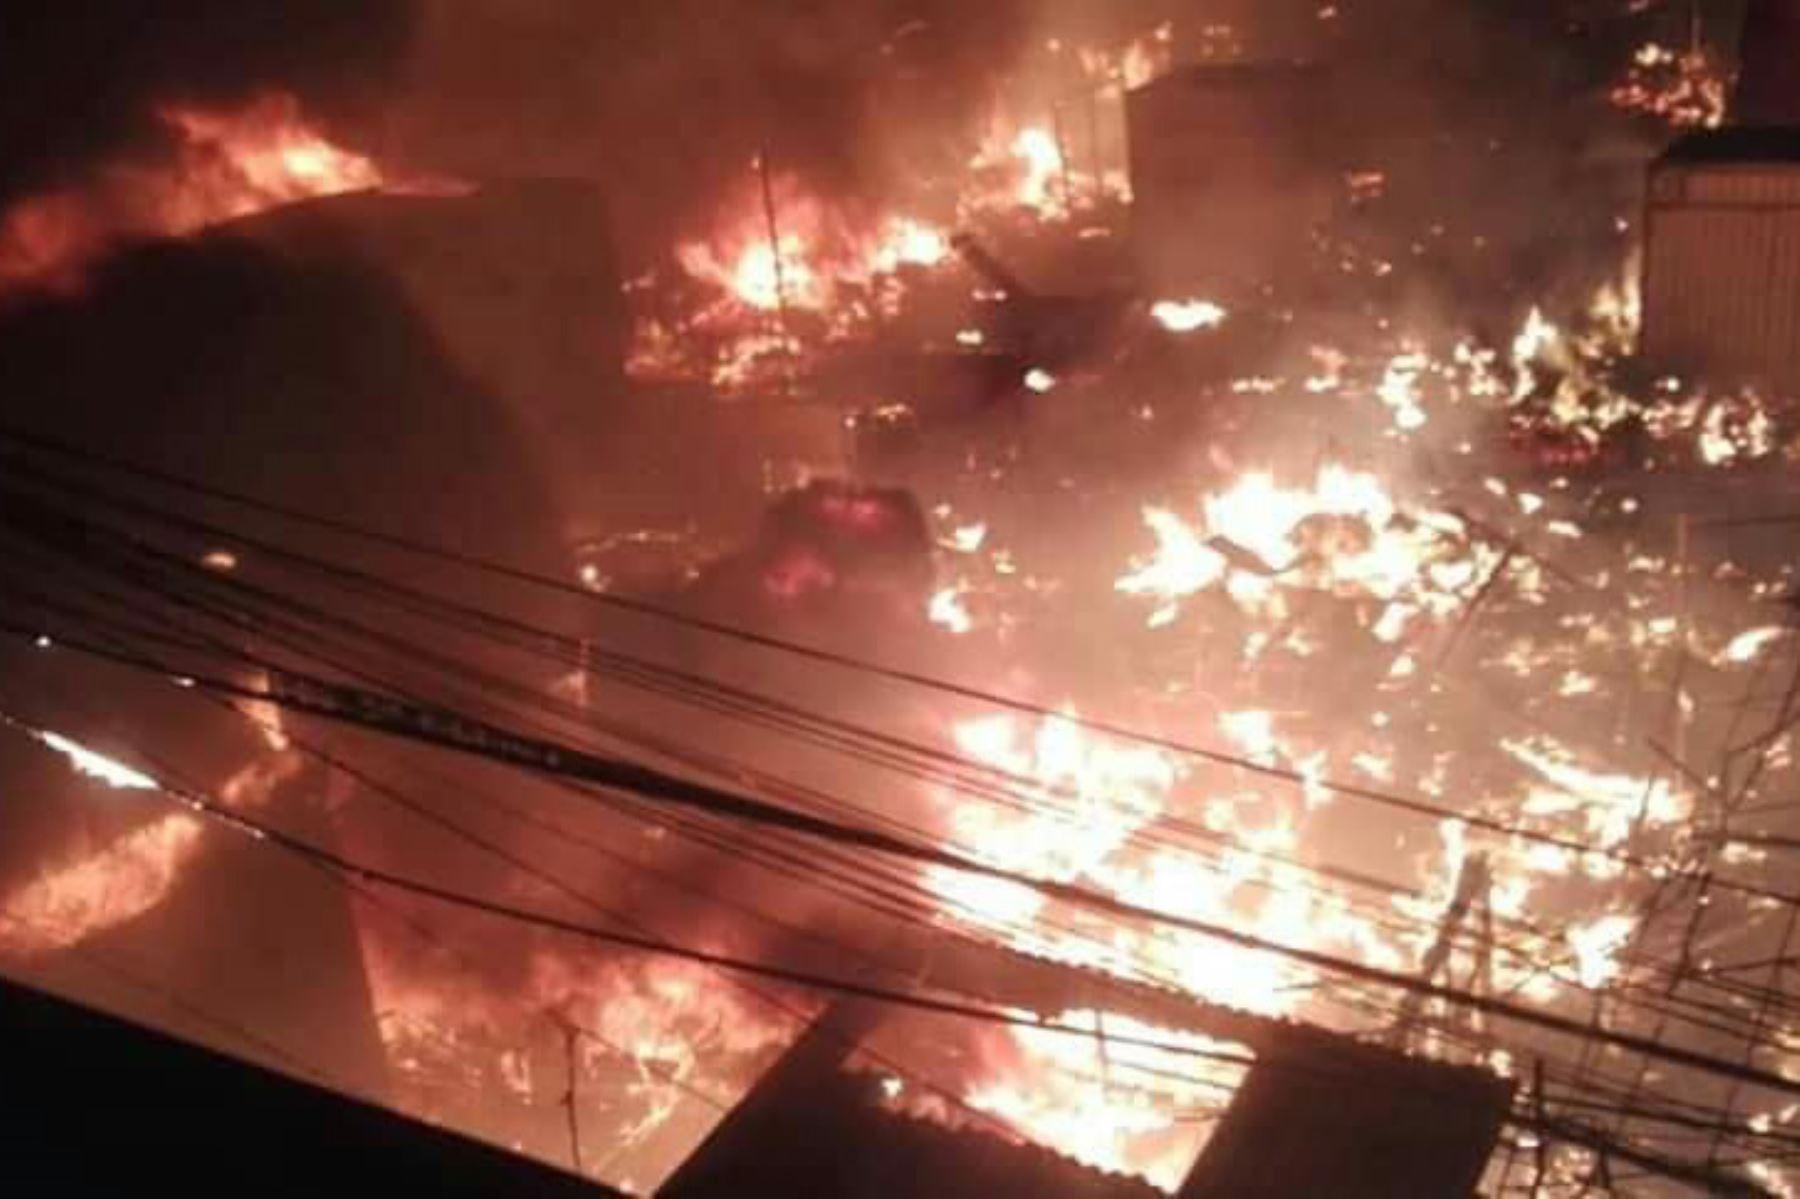 Incendio arrasa con 30 puestos del mercado modelo de Huarmey, en Áncash. ANDINA/Difusión